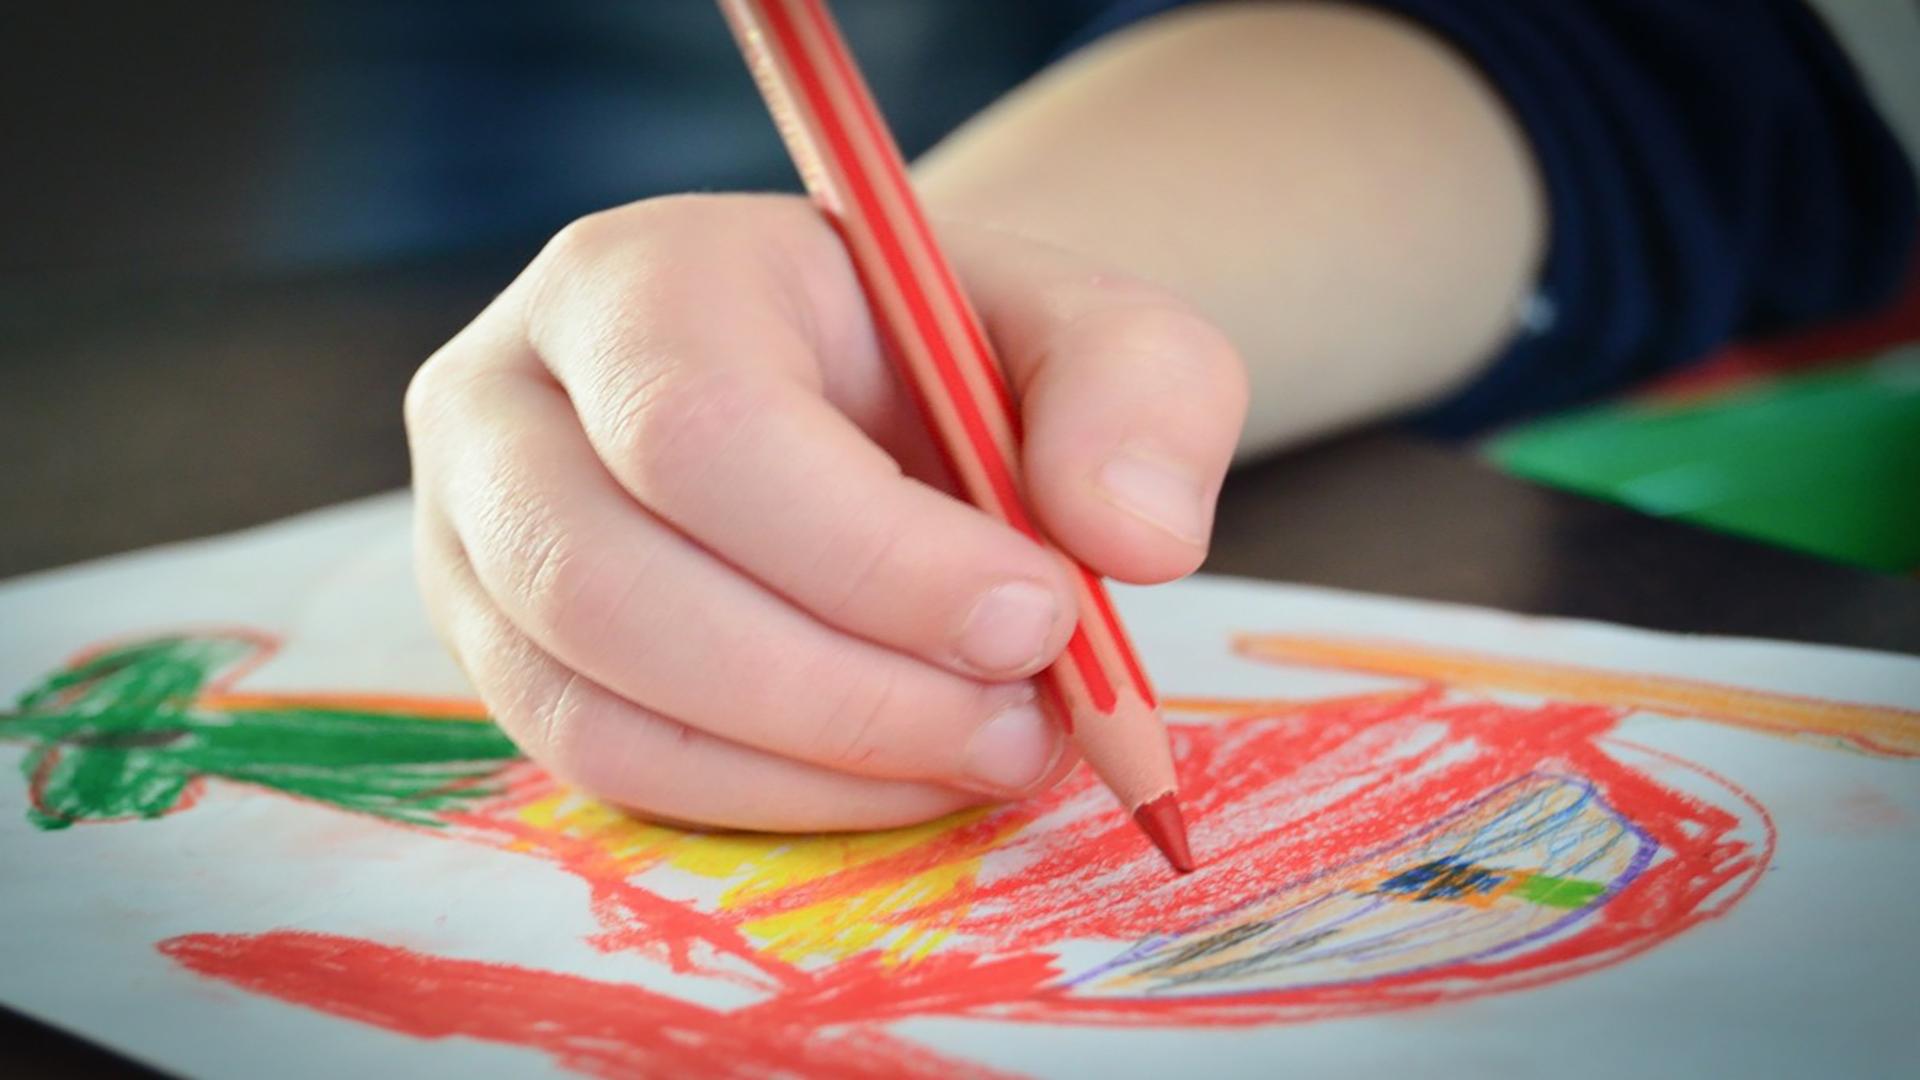 """Регионалната библиотека """"Дора Габе"""" в Добрич обявява областен конкурс за детска рисунка"""